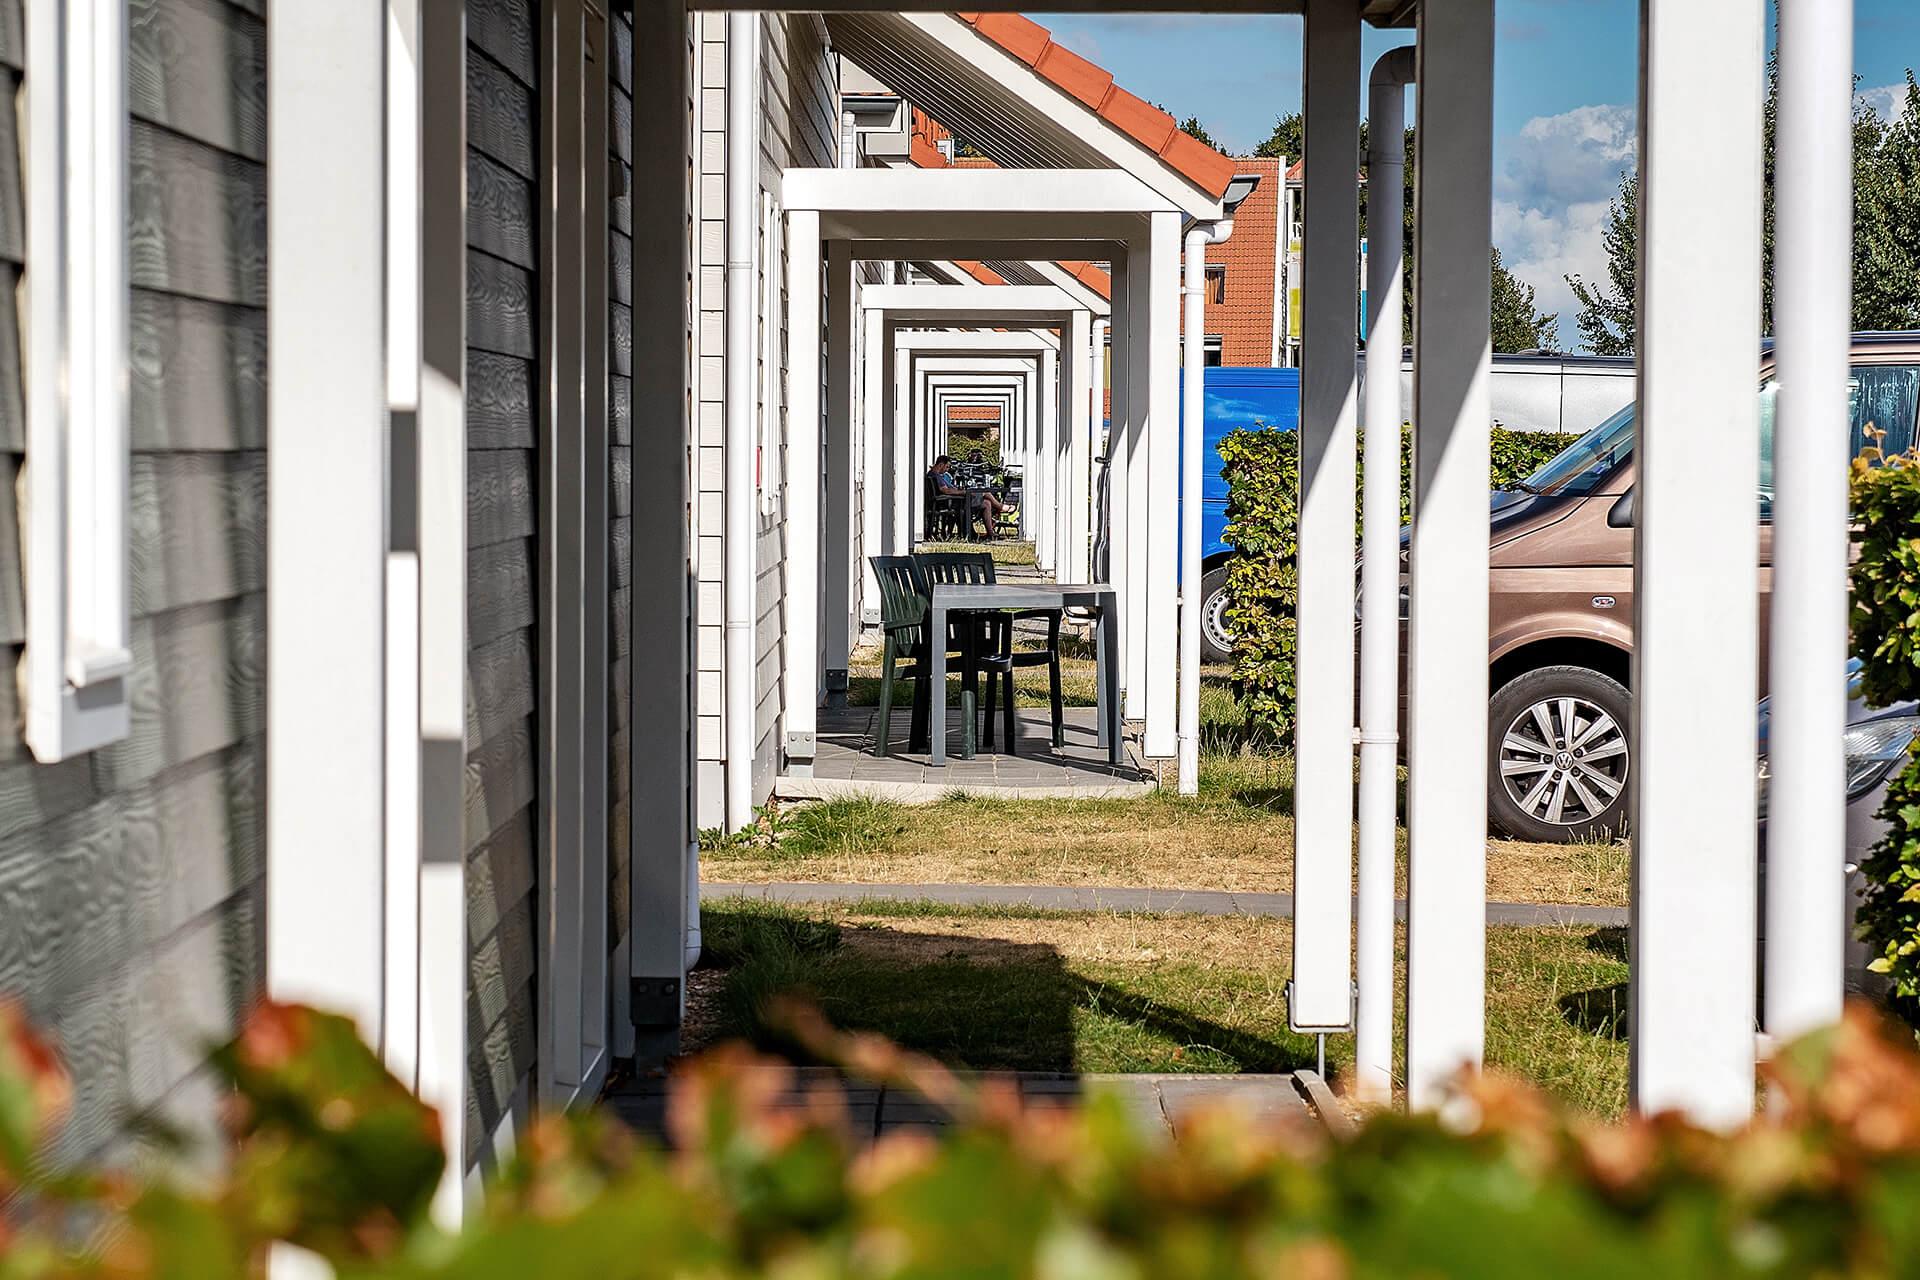 Leisure Architectuur - Aqua Delta (Bruinisse) - vakantiewoningen doorkijk